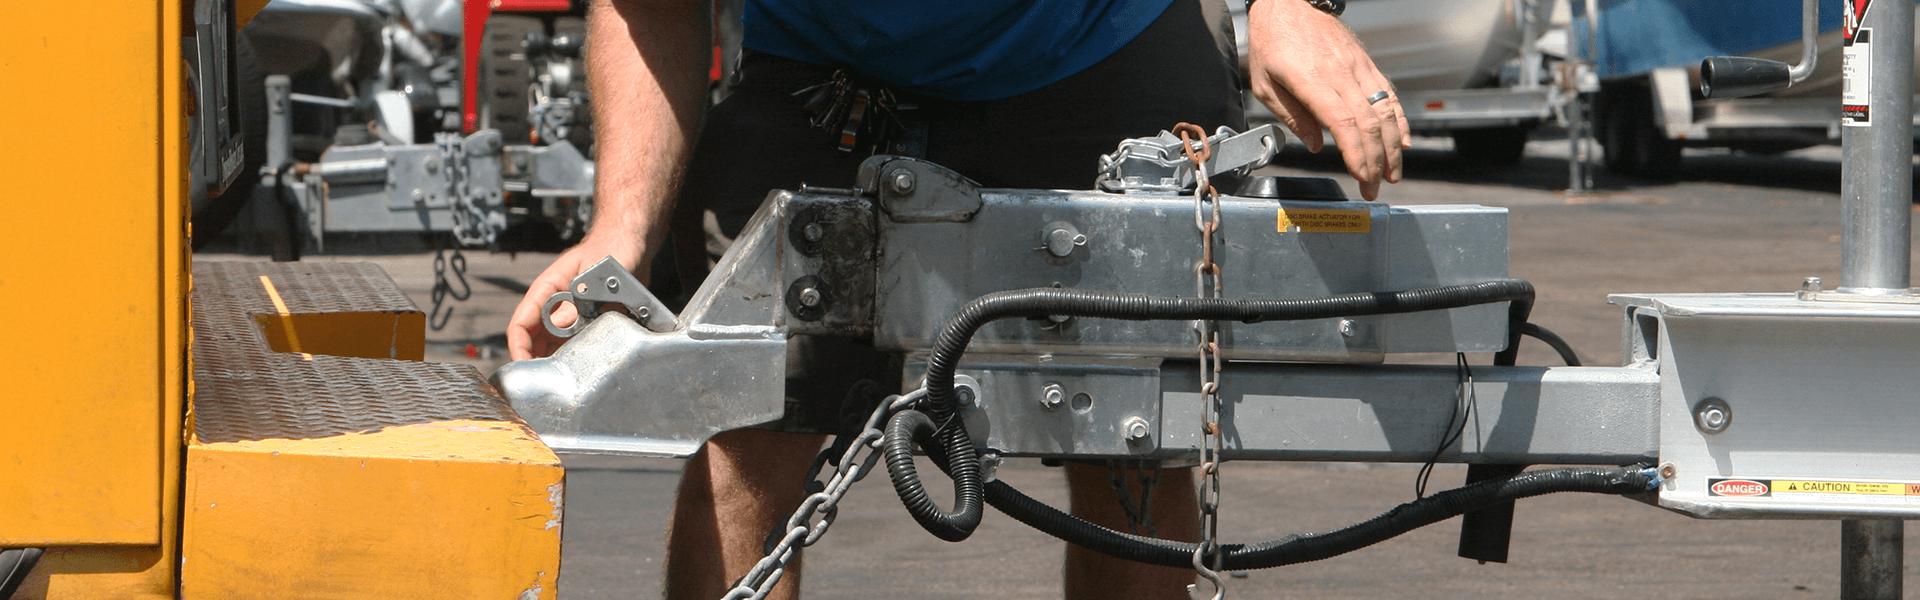 boat-trailer-hitch-miami